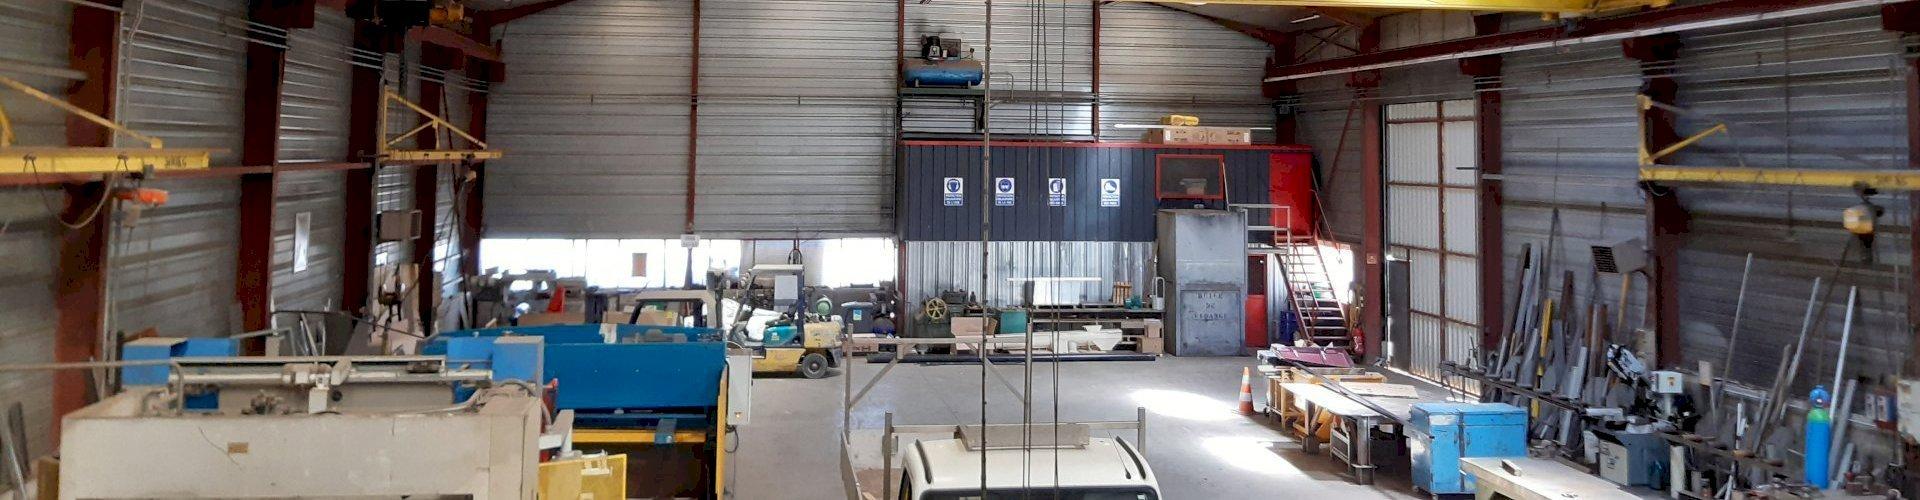 CAP Maintenance - Spécialiste de la chaudronnerie, du stockage et de la maintenance industrielle dans le Cher